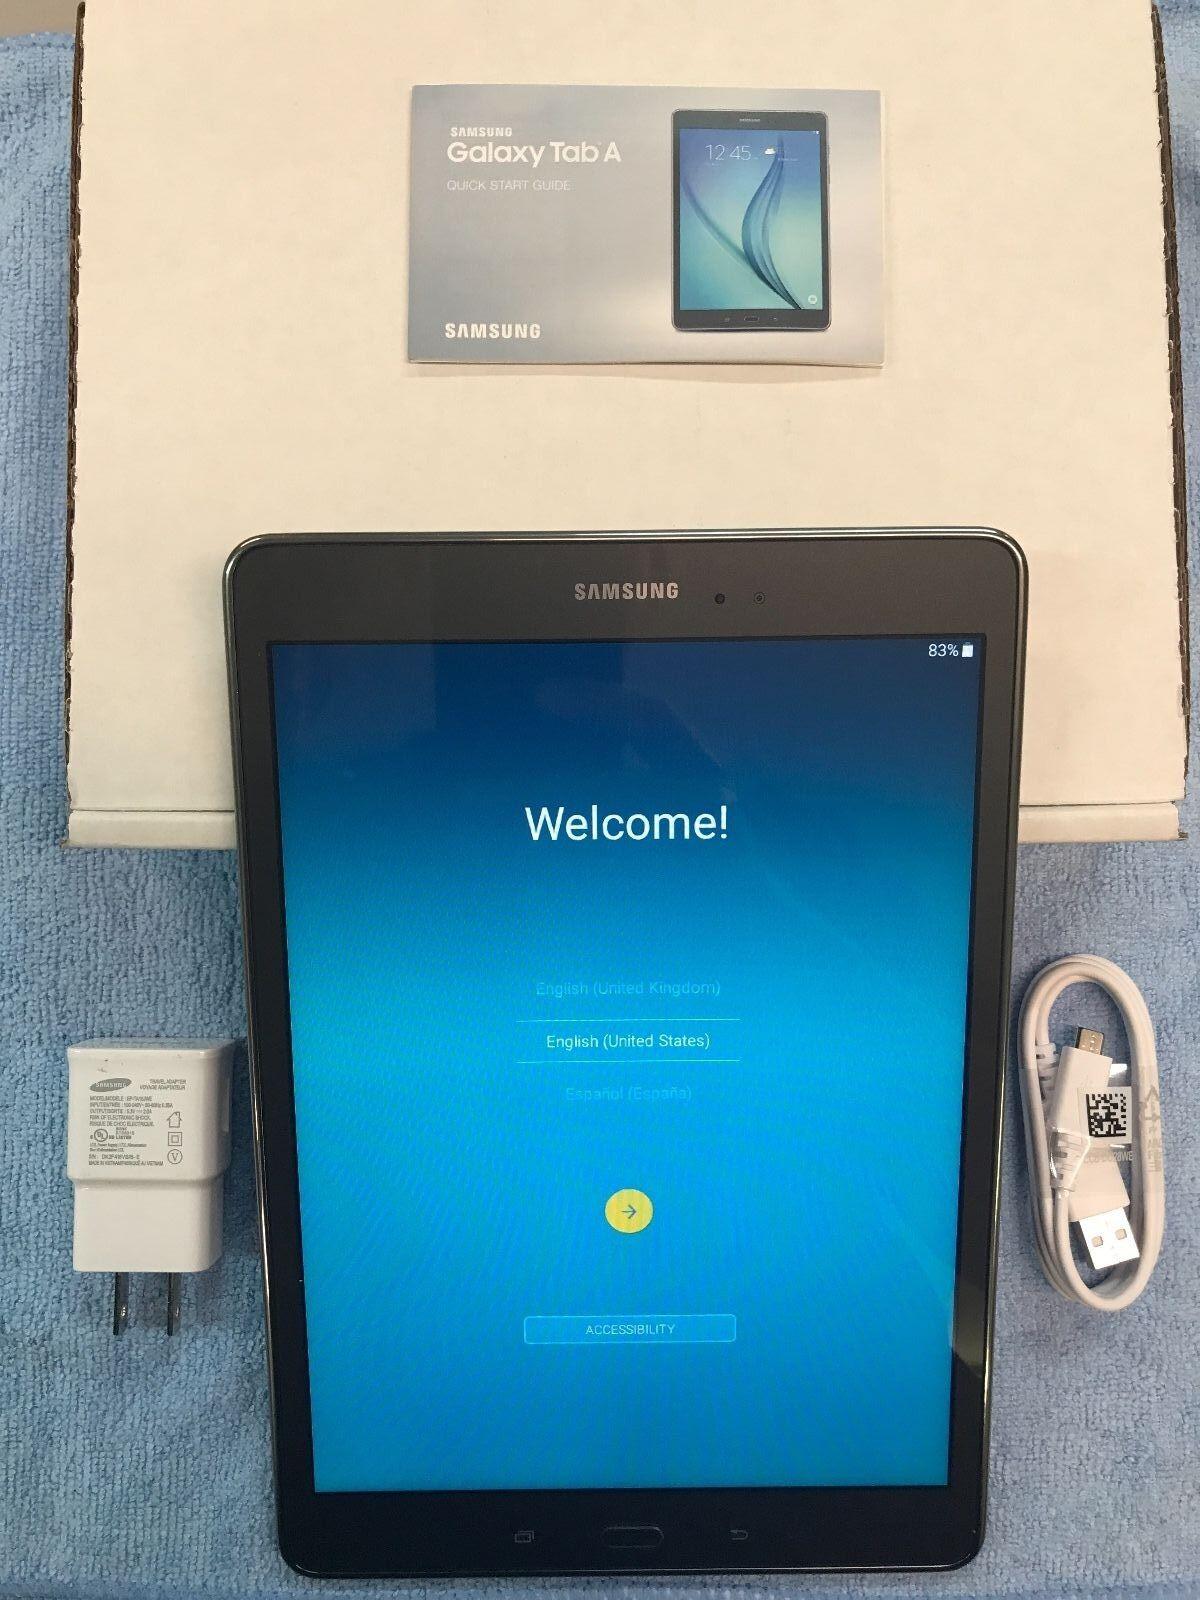 Tablet - Samsung Galaxy Tab A SM-T550 16GB, Wi-Fi, 9.7in - Smoky Titanium